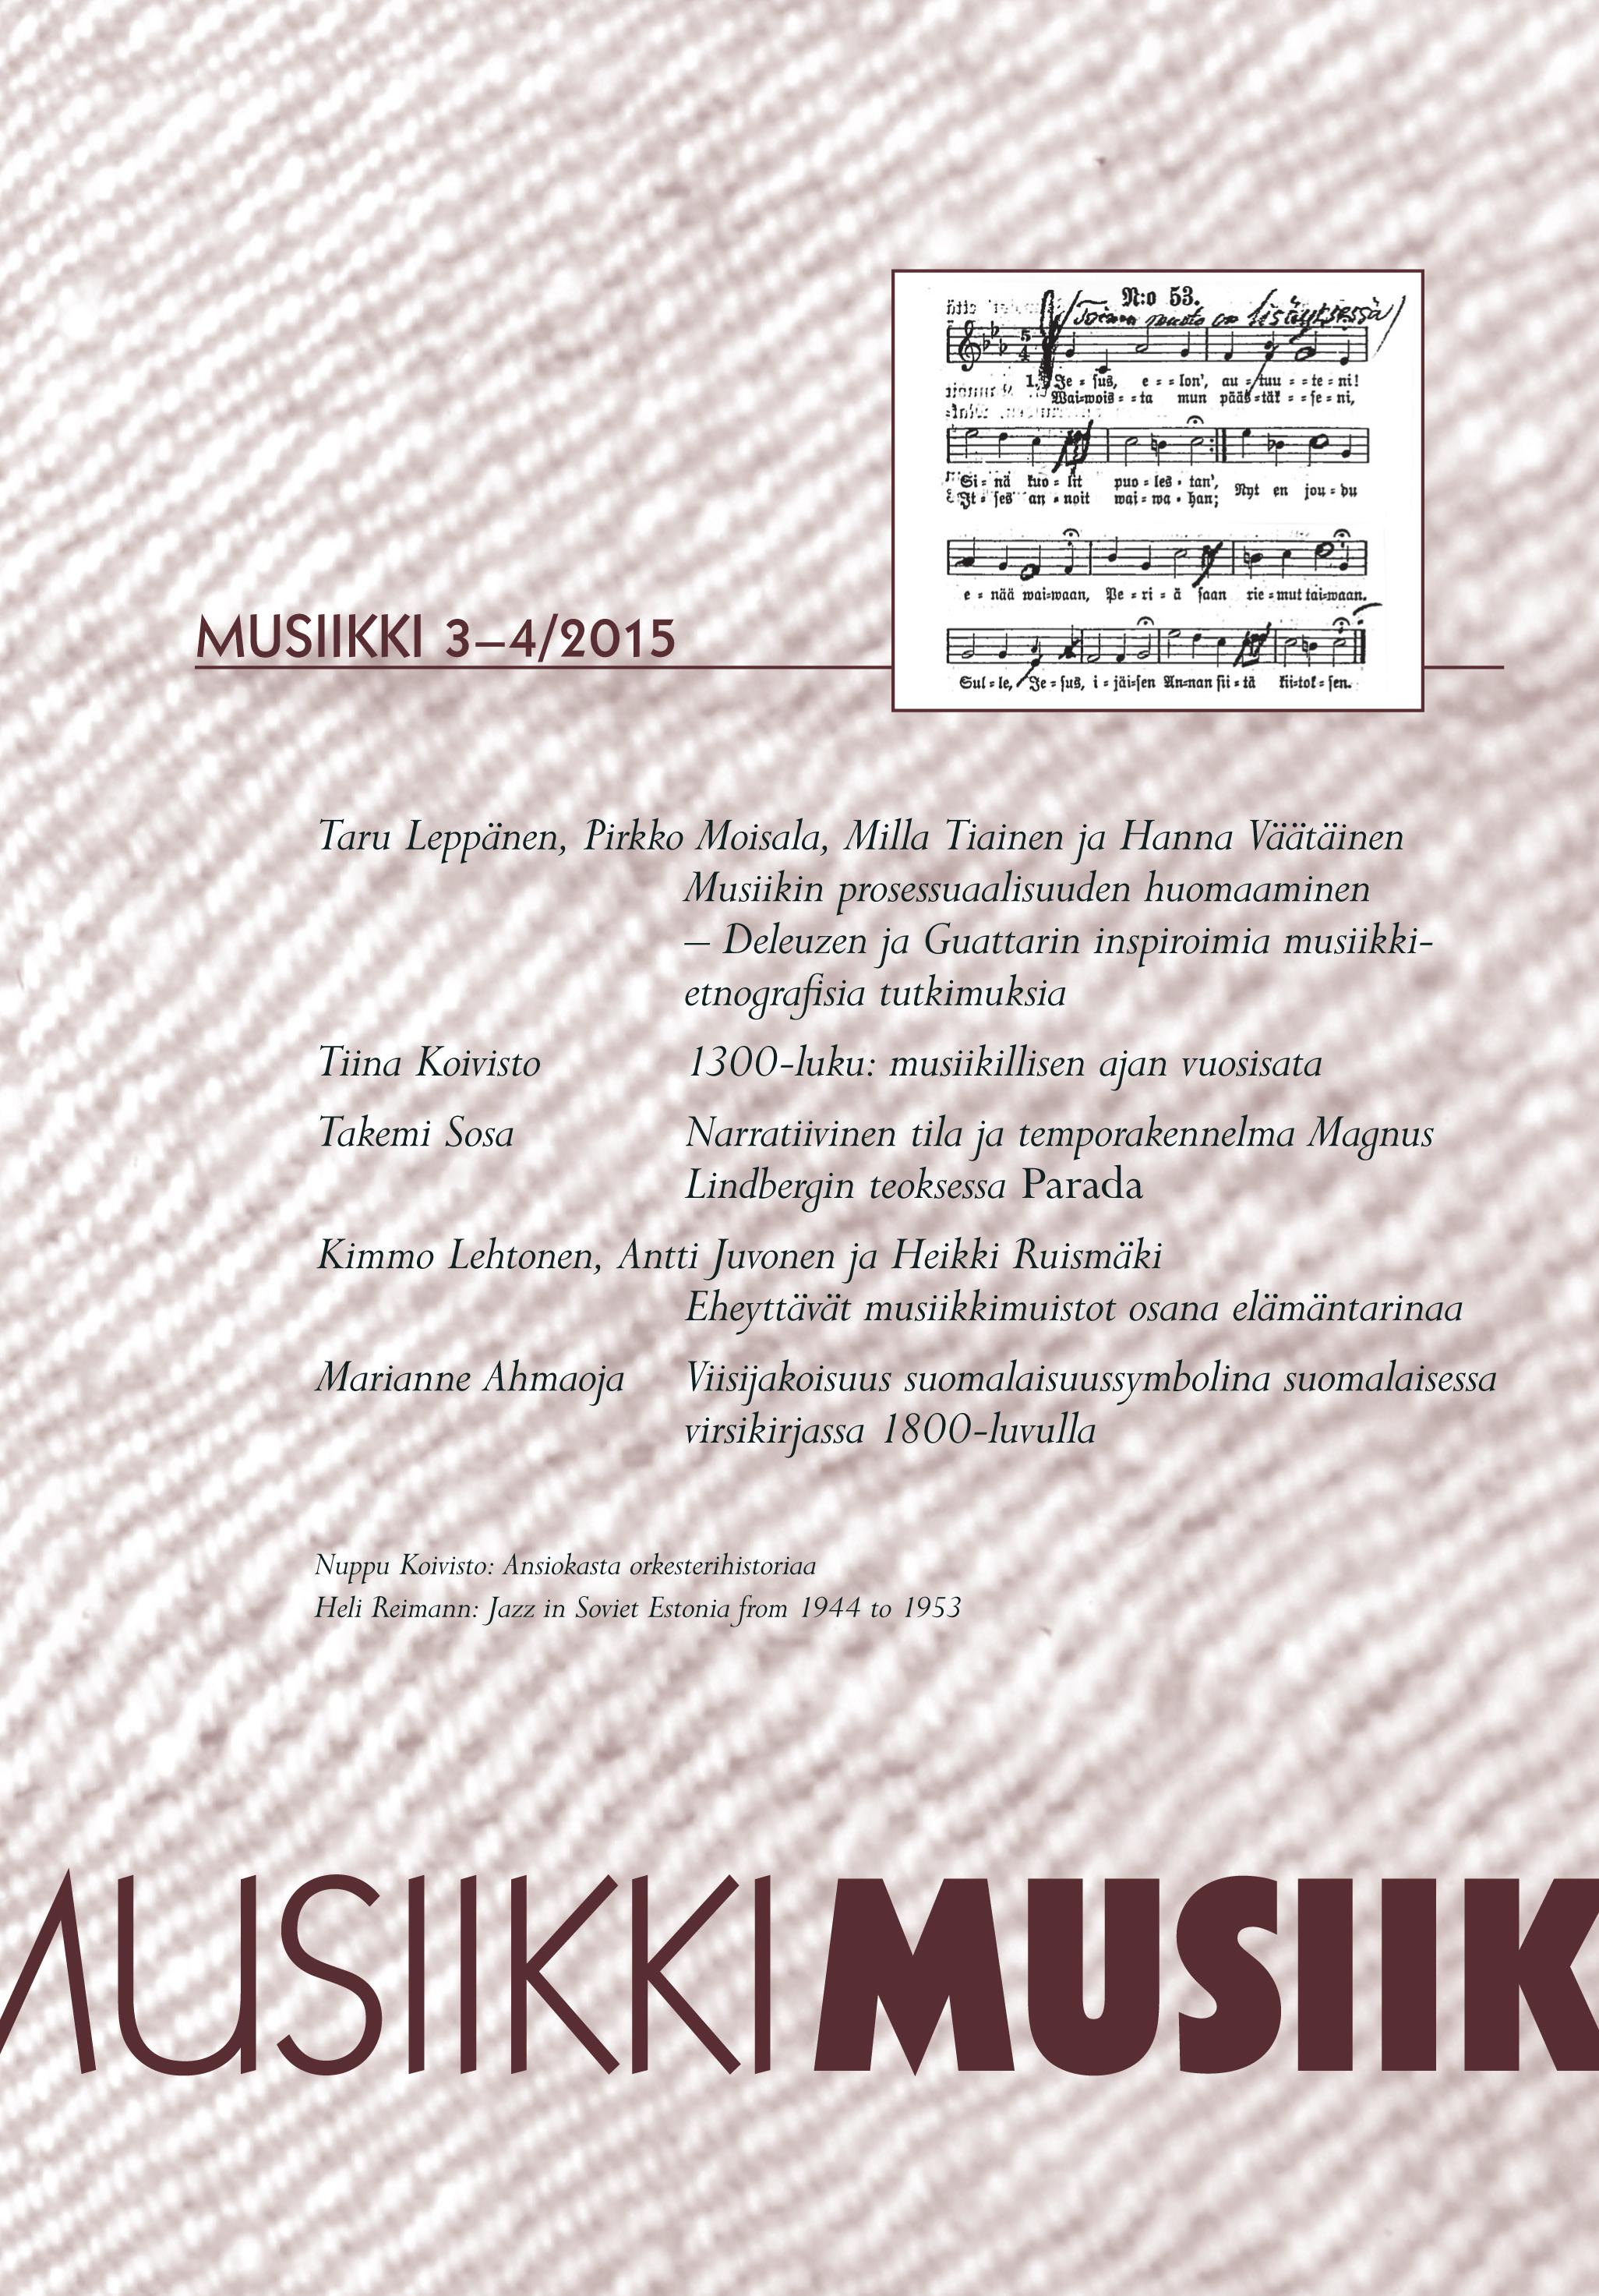 Vol 45 Nro 3-4 (2015): Musiikki 3-4/2015